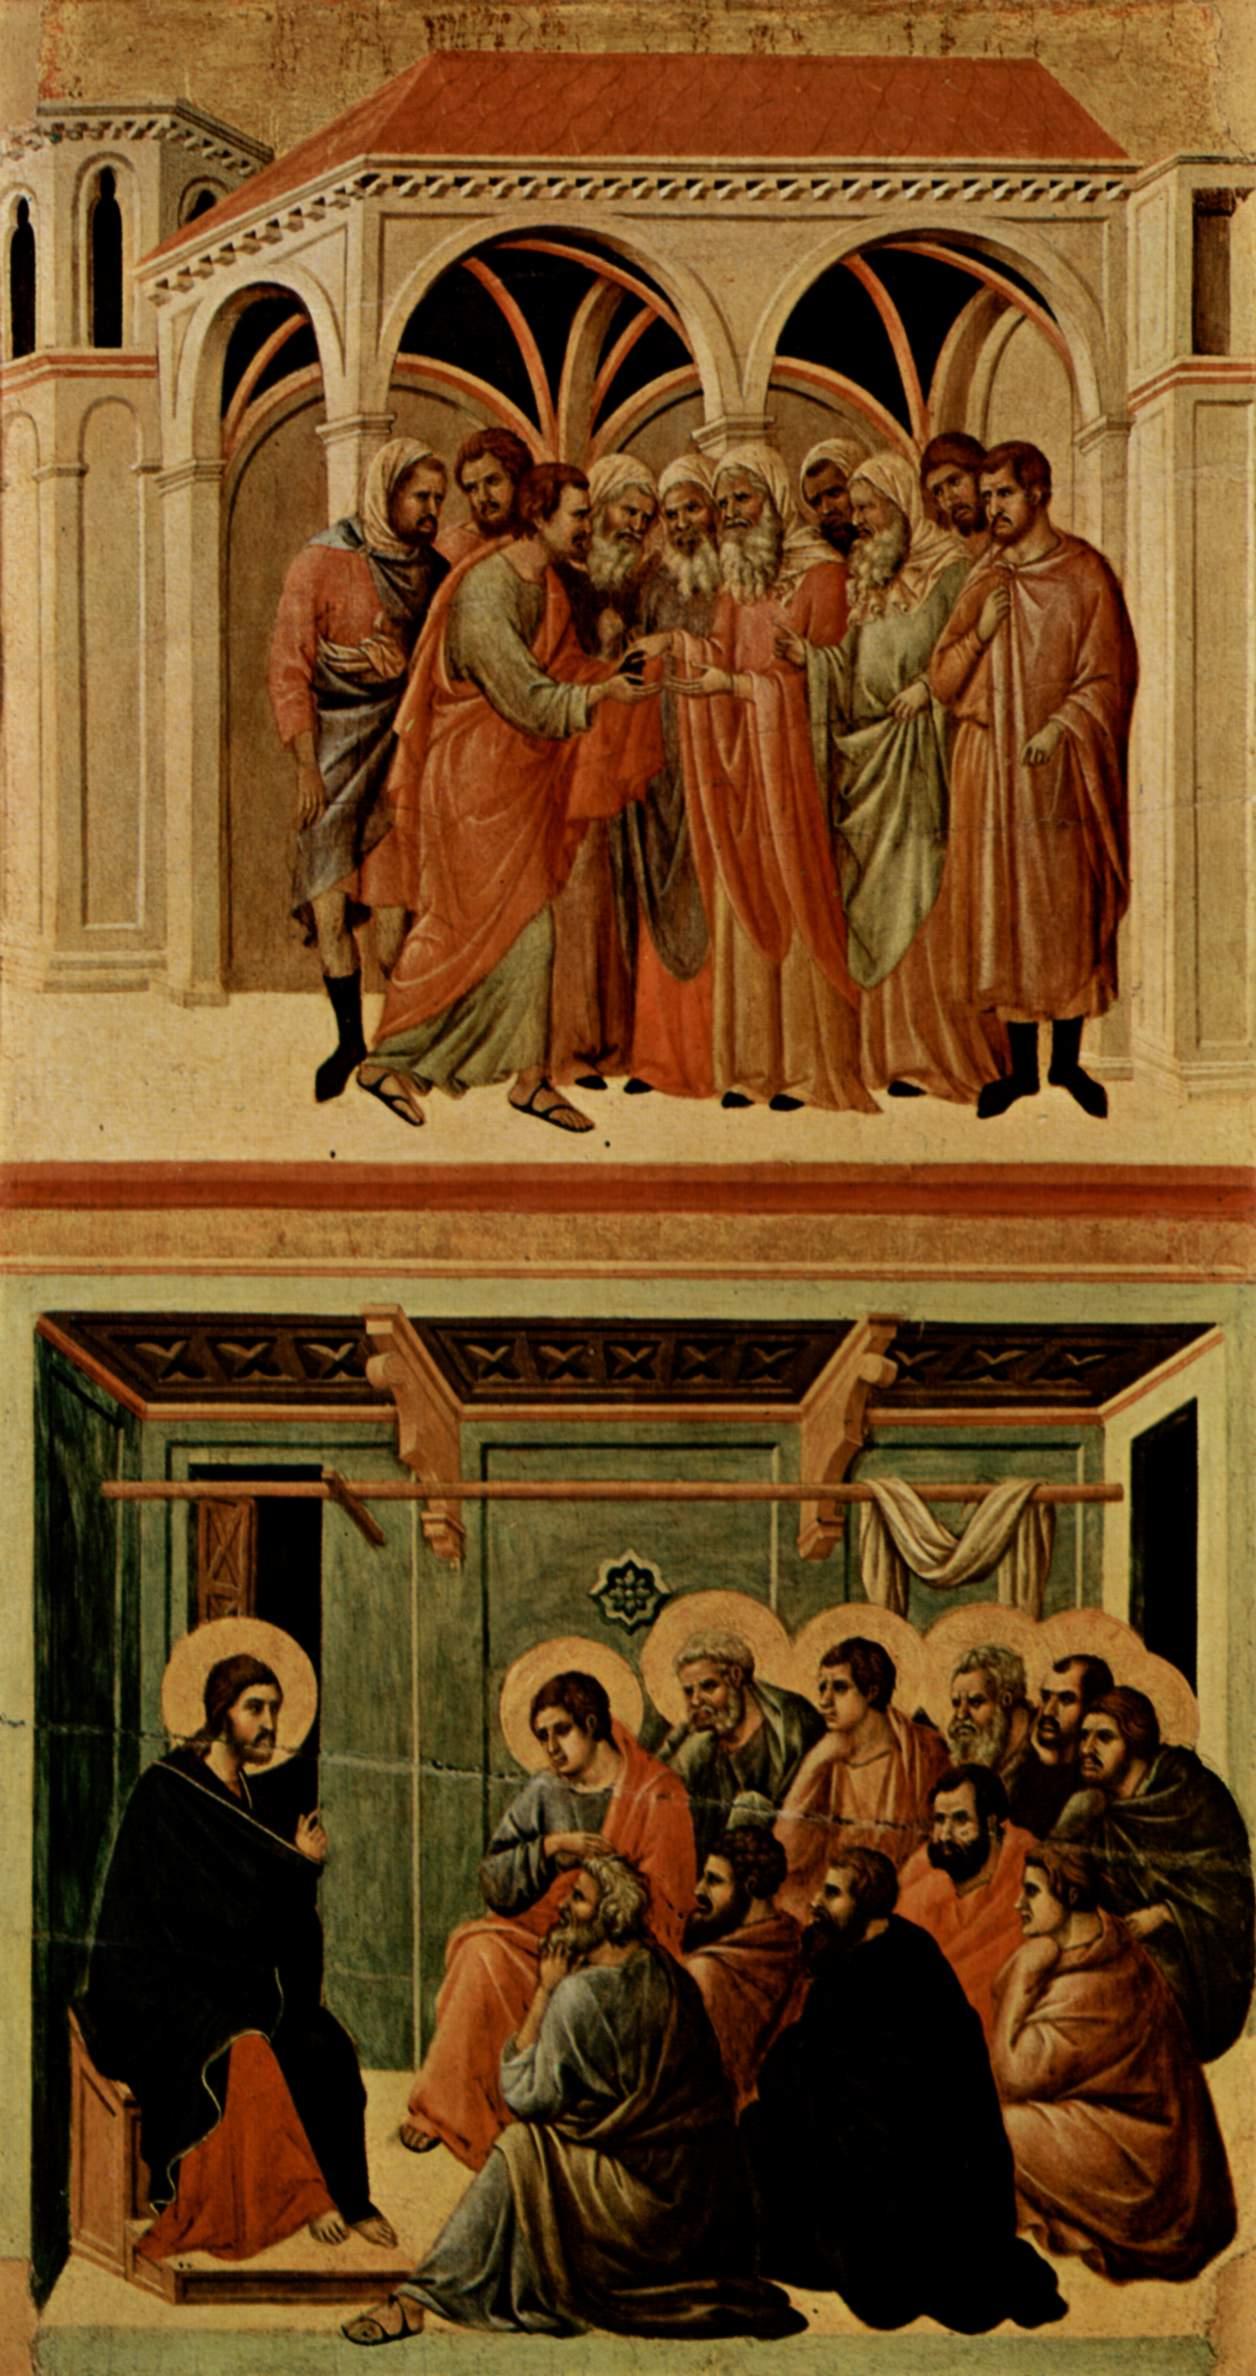 Маэста, алтарь сиенского кафедрального собора, оборотная сторона, Регистр со сценами Страстей Христо, Дуччо ди Буонинсенья